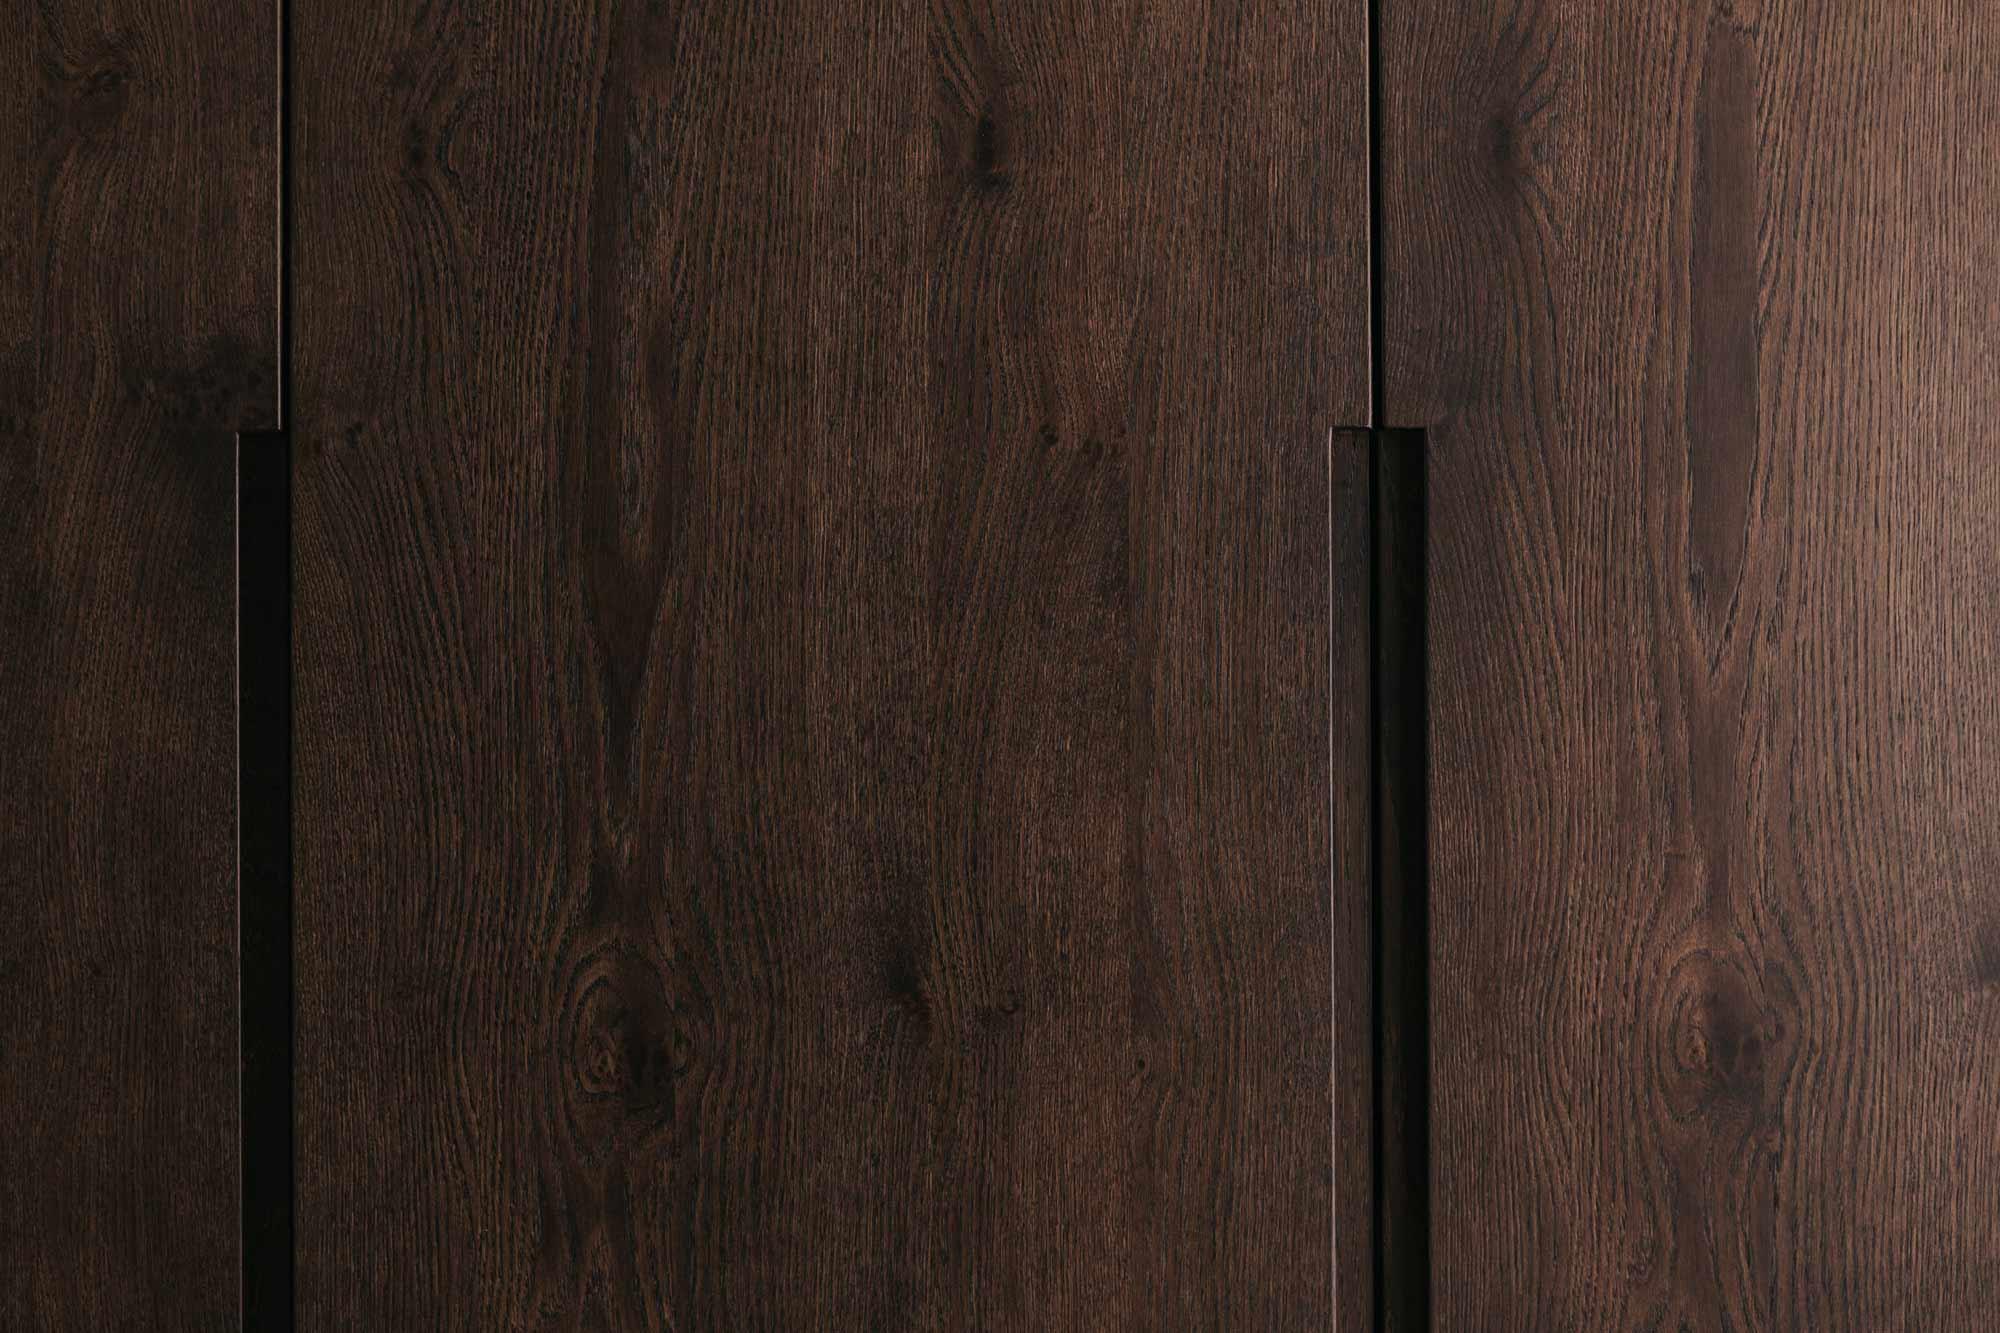 Wandverbau B Garderobe und Stauraum dunkle Eiche Detail